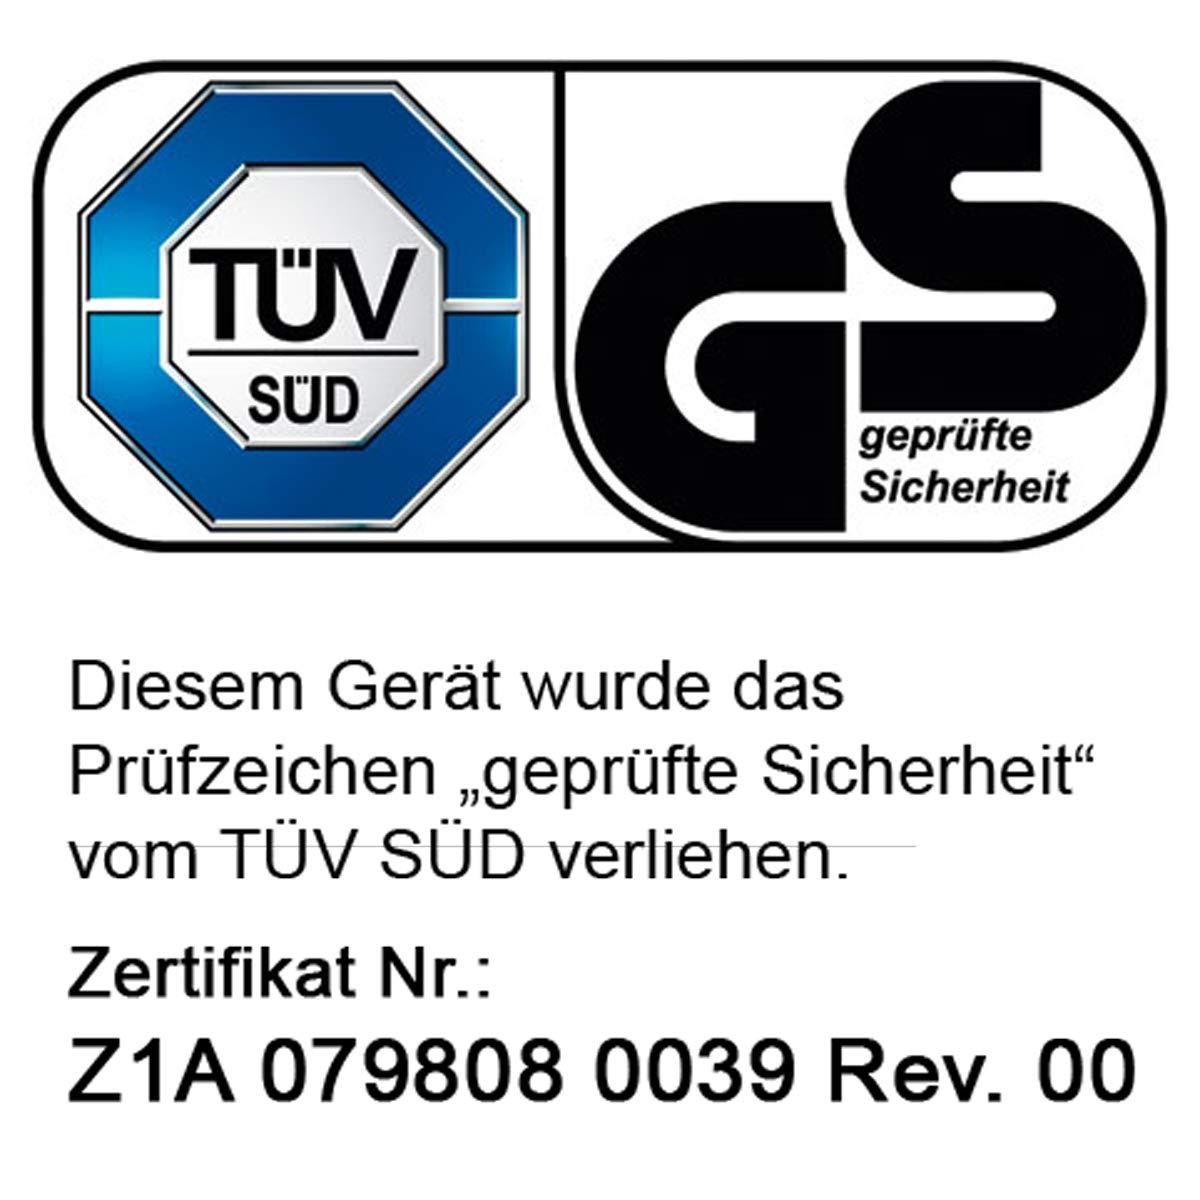 BRAST Benzin Gartenfr/äse 5,15kW Selbstantrieb 50cm Fr/äsbreite 212ccm T/ÜV gepr/üft Motorhacke Ackerfr/äse Bodenfr/äse 7,0PS